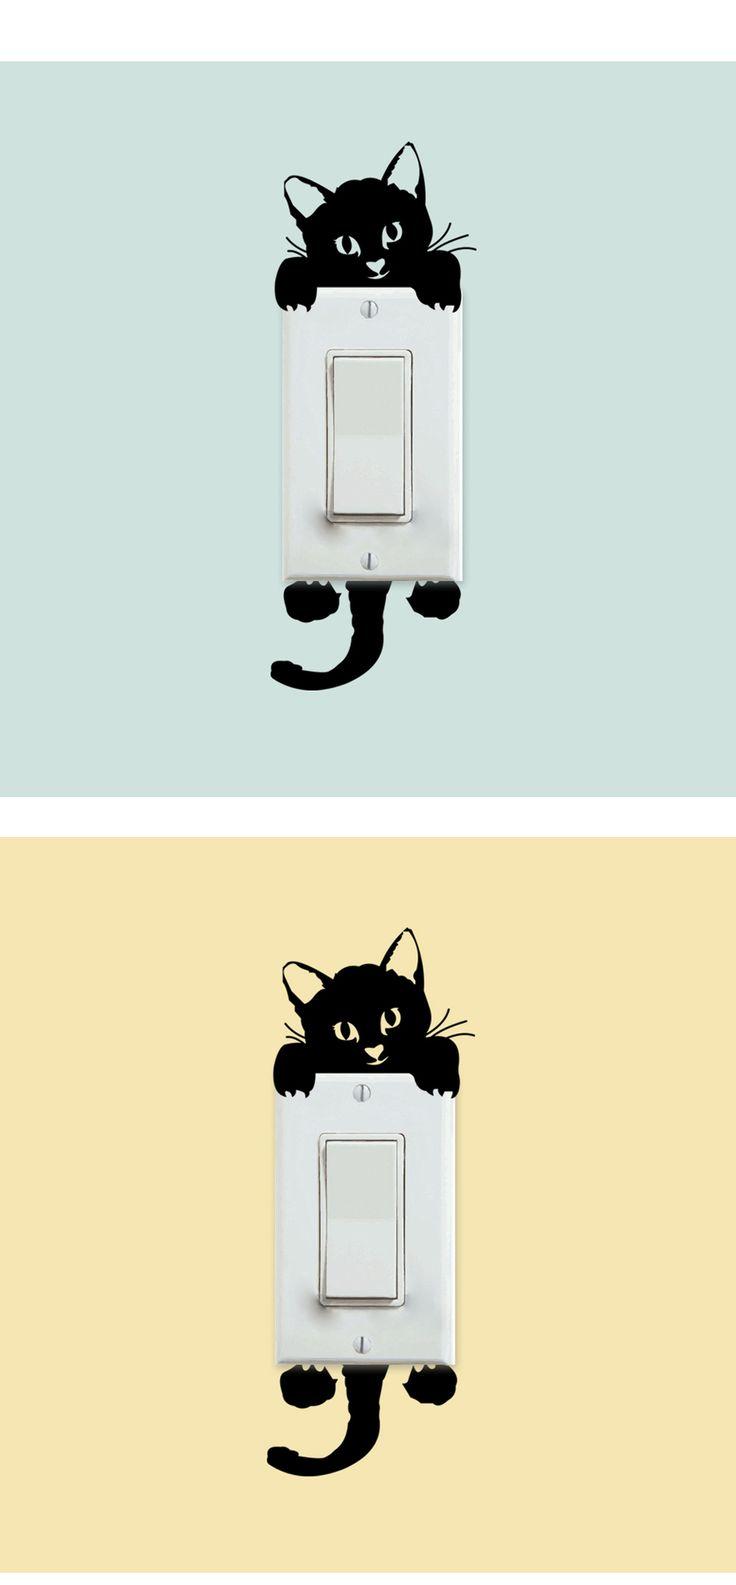 Diy engraçado bonito interruptor gato adesivos de parede adesivos decoração da casa quarto Parlor decoração em Papéis de parede de Casa & jardim no AliExpress.com | Alibaba Group